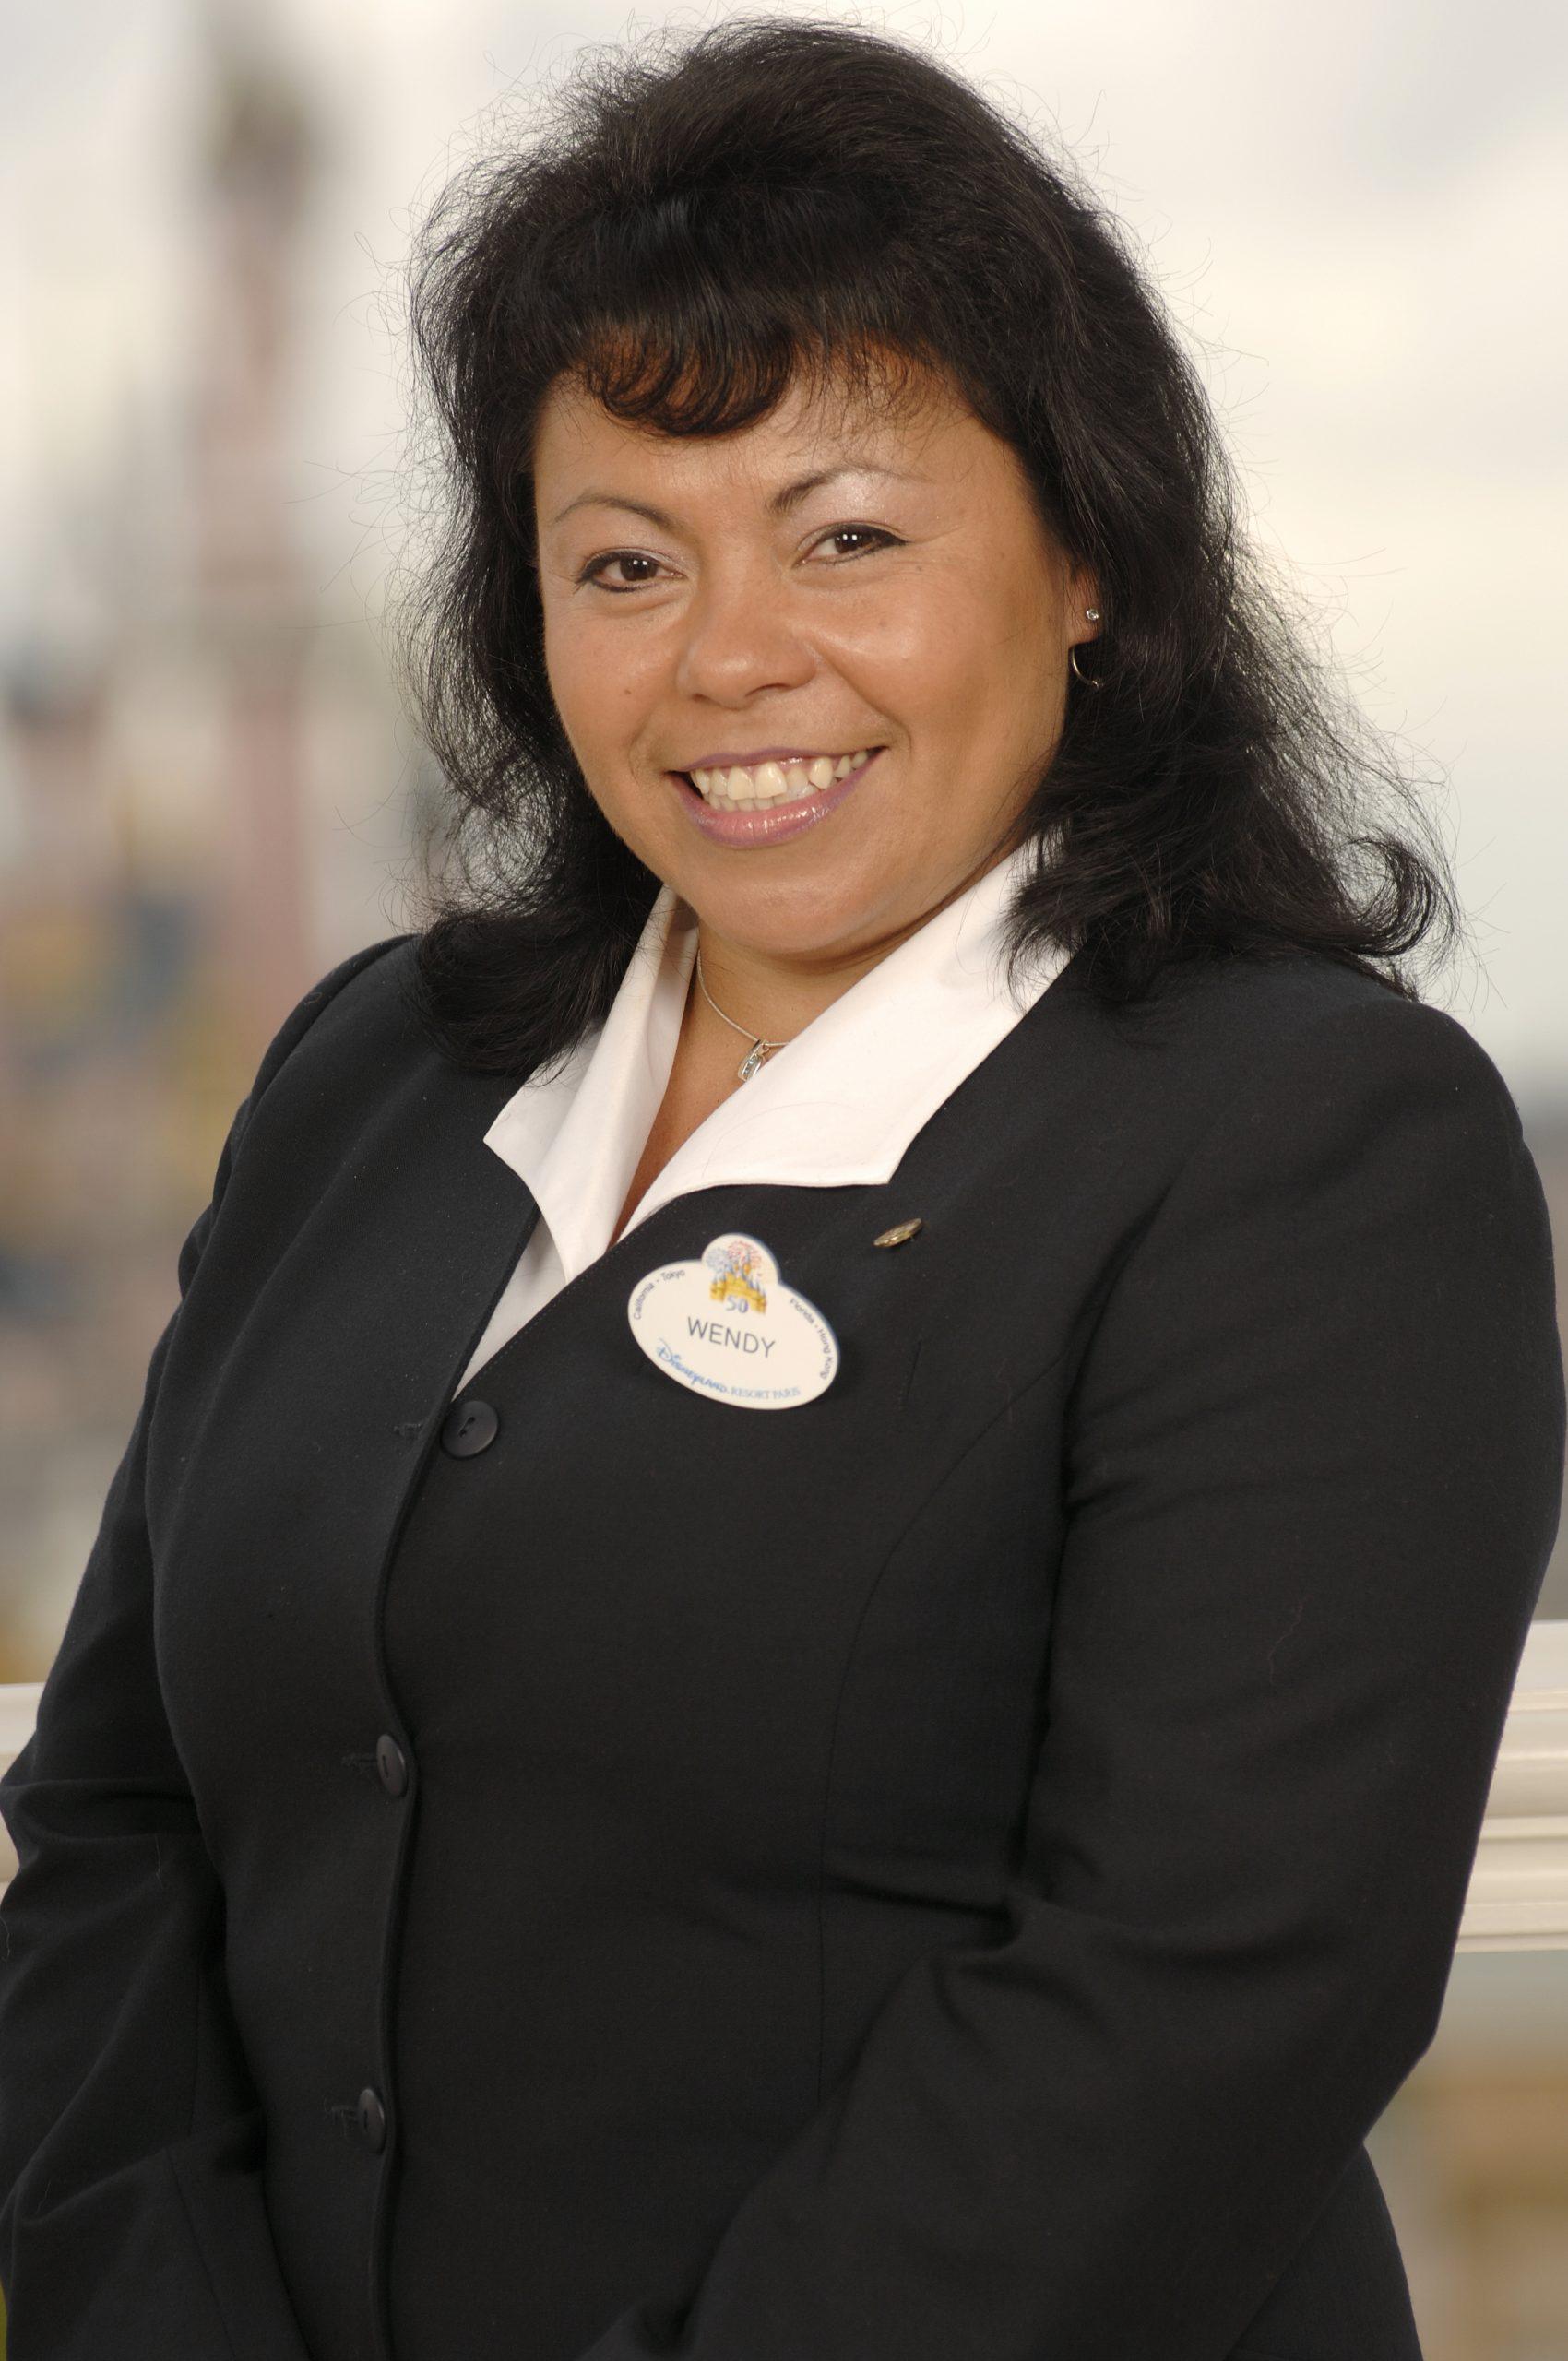 Wendy Courquet2007 - 2008